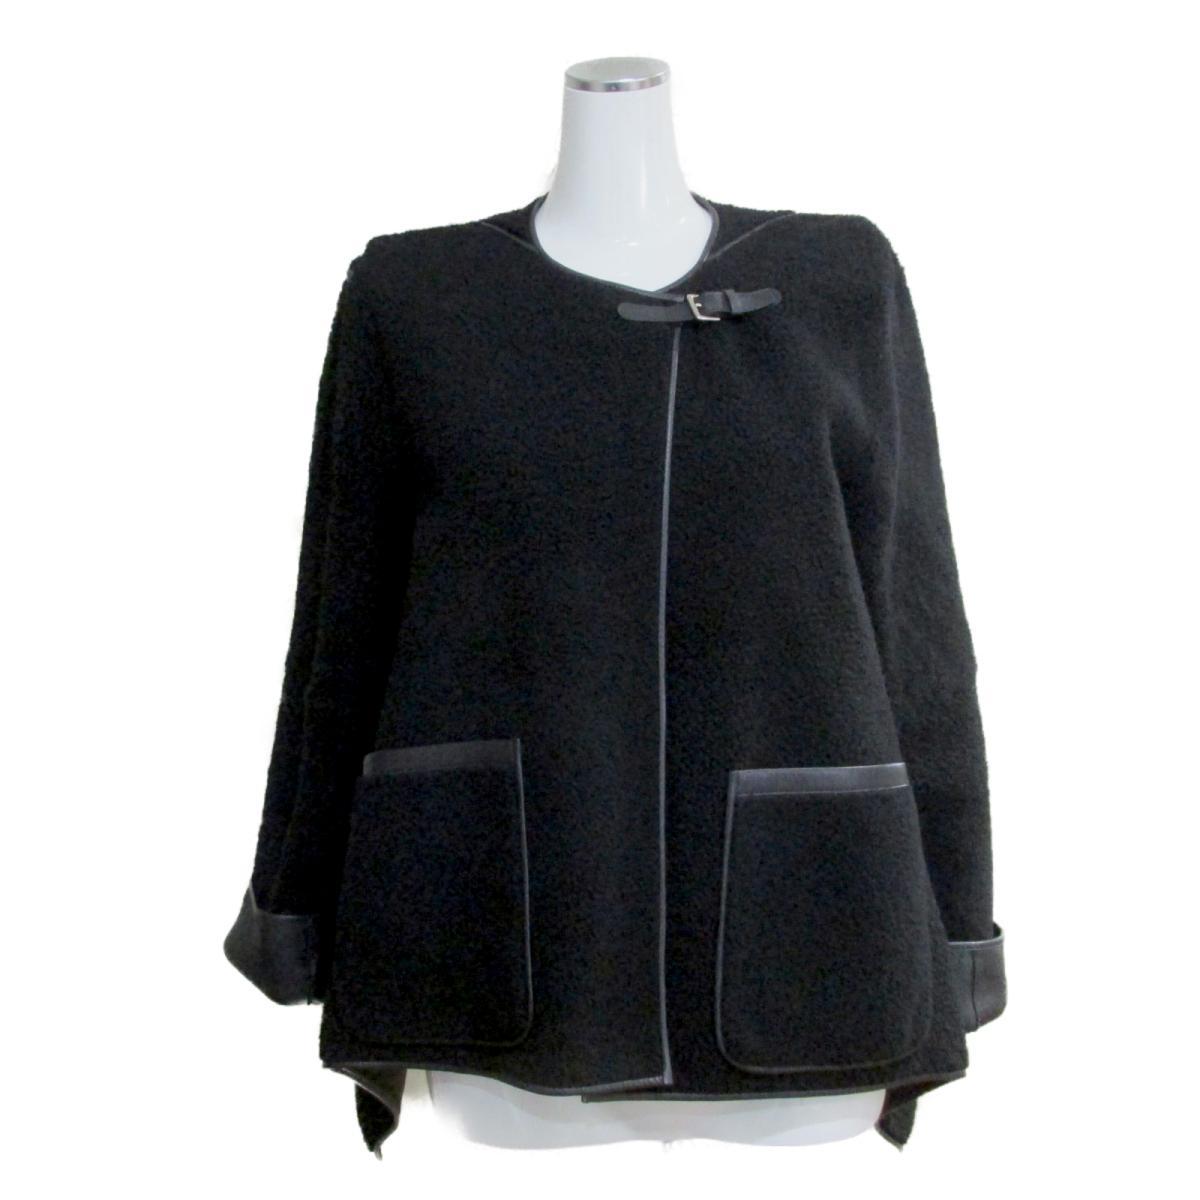 【中古】 エルメス レザー ジャケット レディース 羊革 (ラム)100% ブラック | HERMES BRANDOFF ブランドオフ 衣料品 衣類 ブランド アウター コート